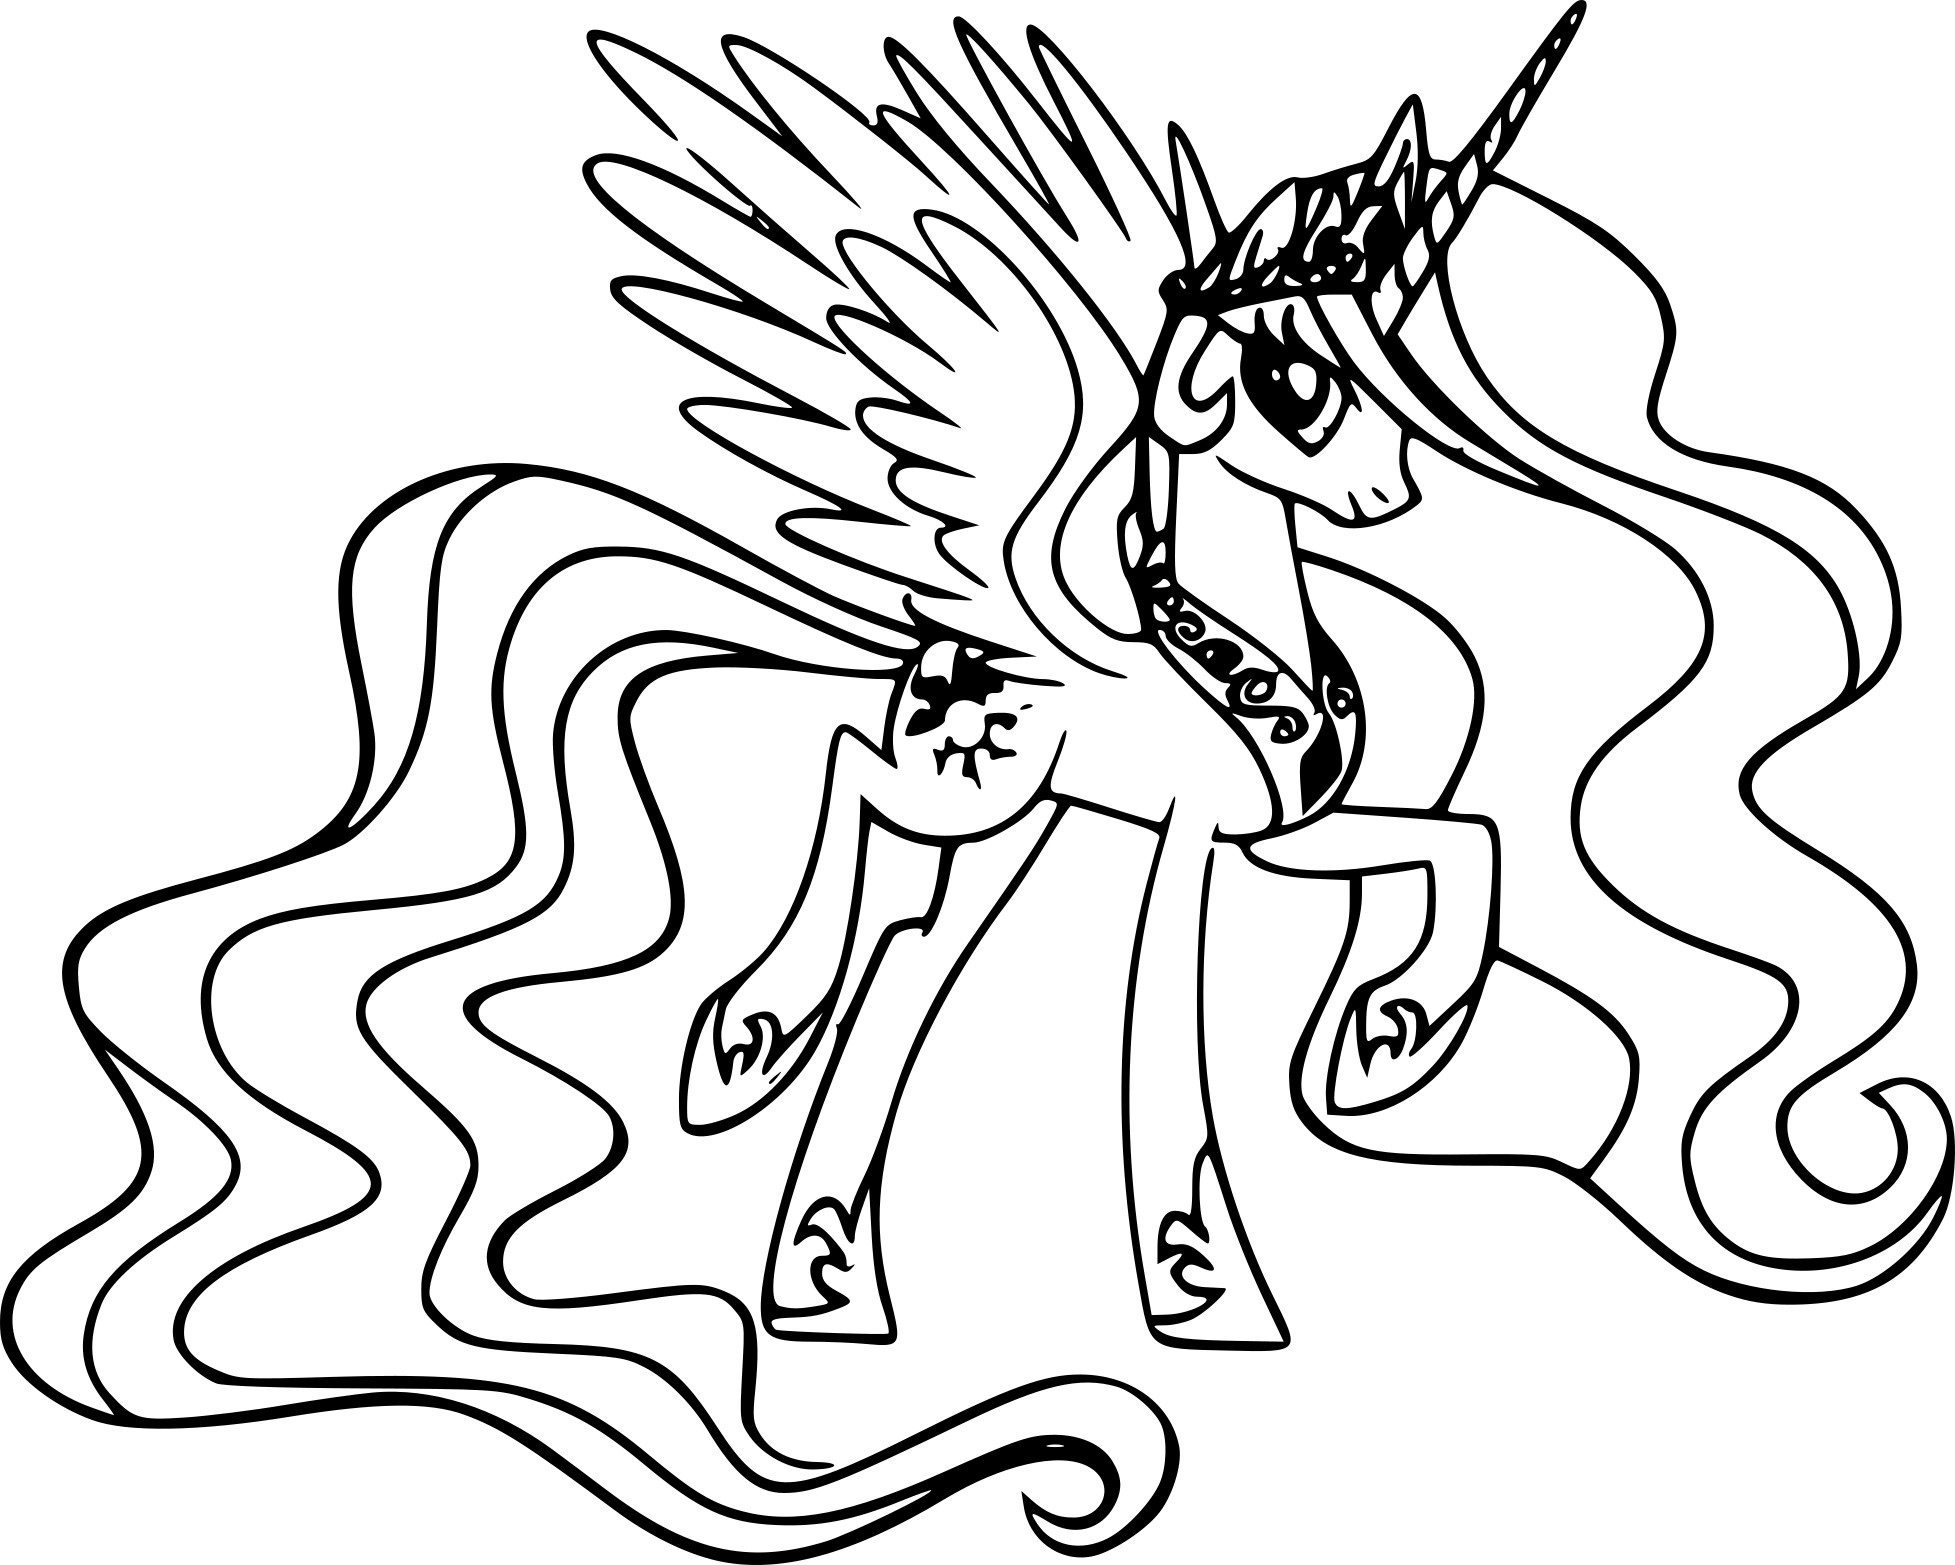 Coloriage princesse celestia dessin imprimer sur - Coloriage princesse celestia ...